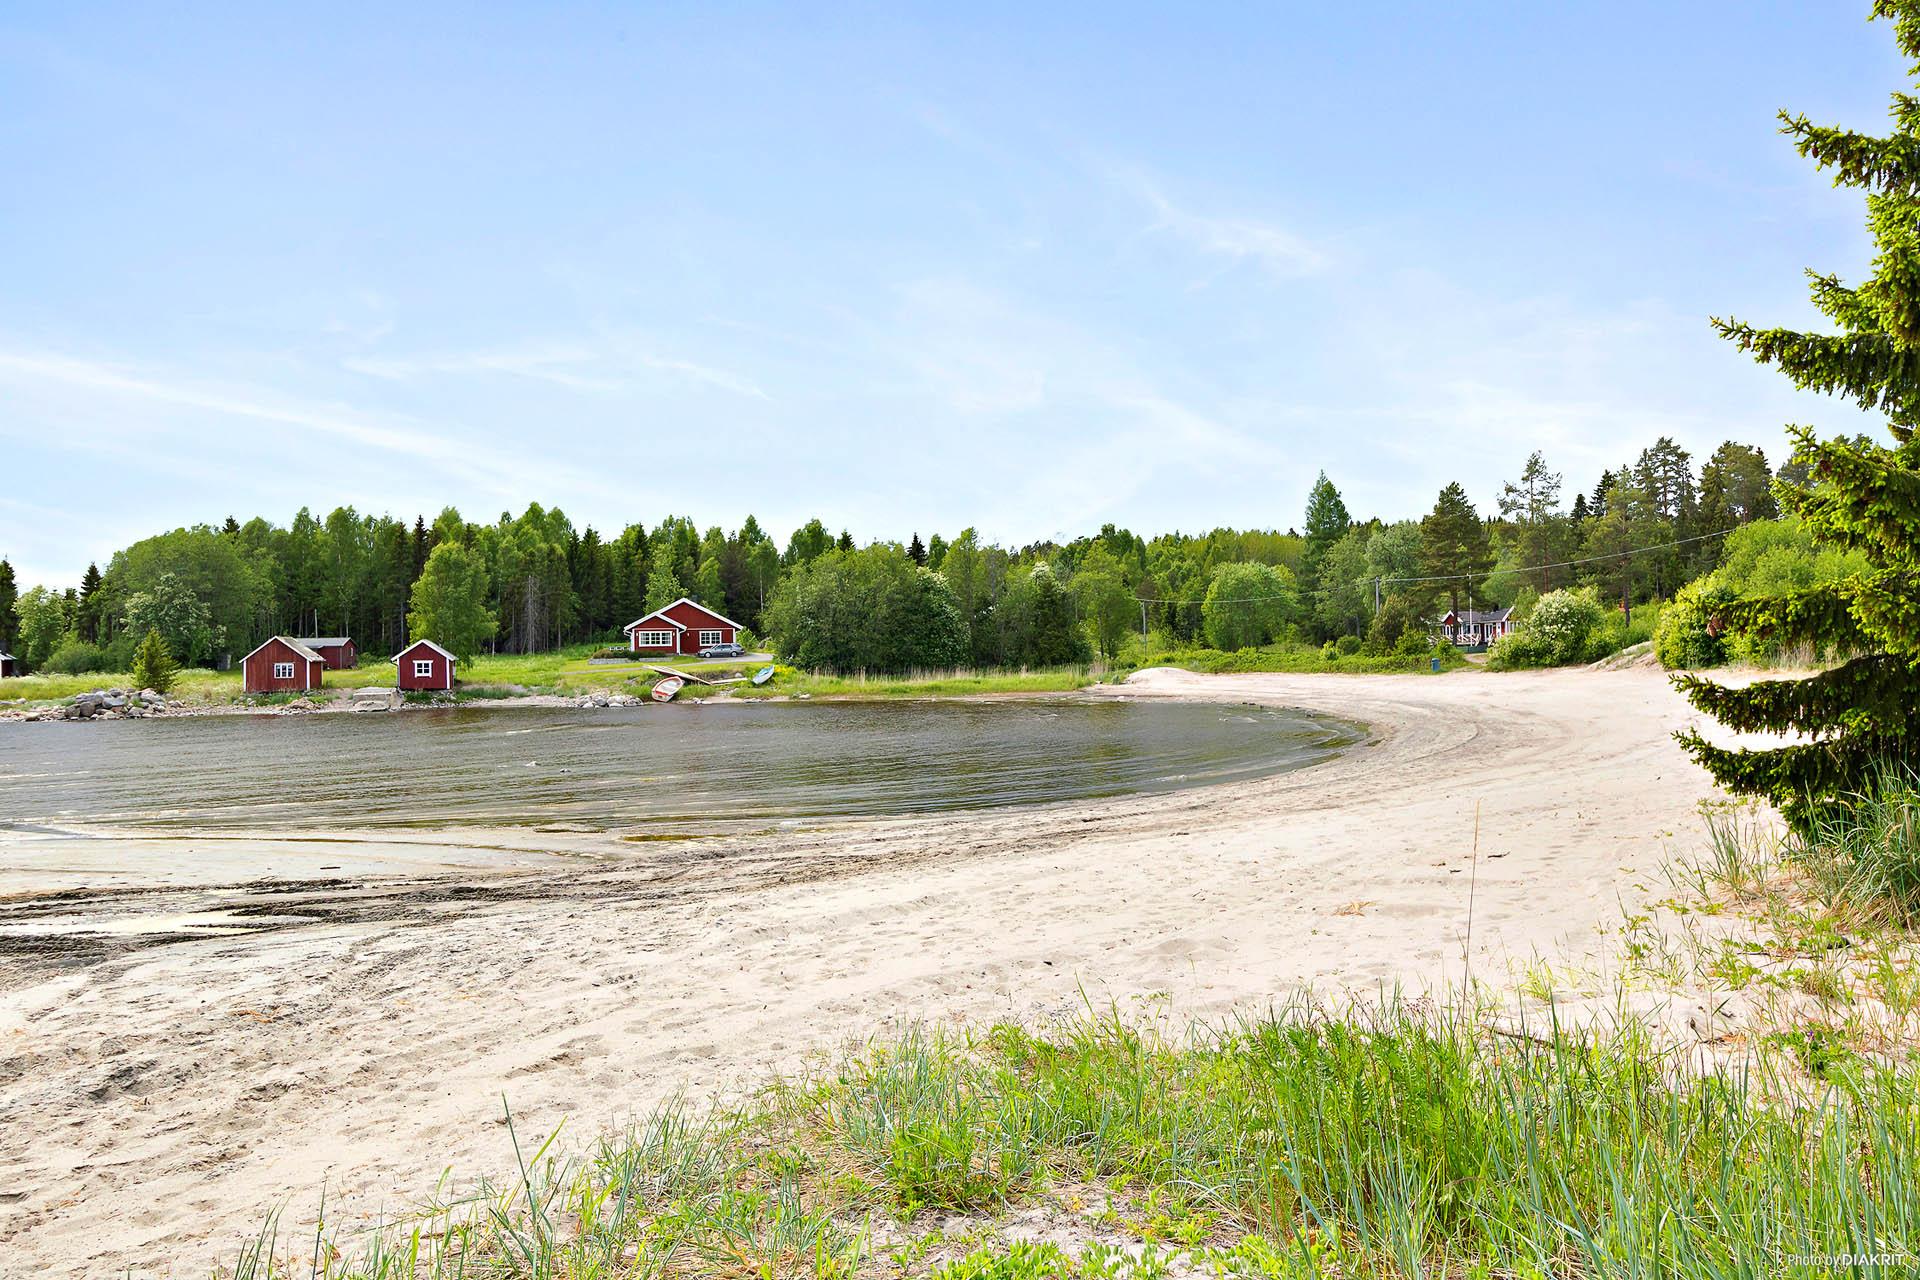 Fin badstrand i området (lågt vattenstånd vid fotograferingstillfället)